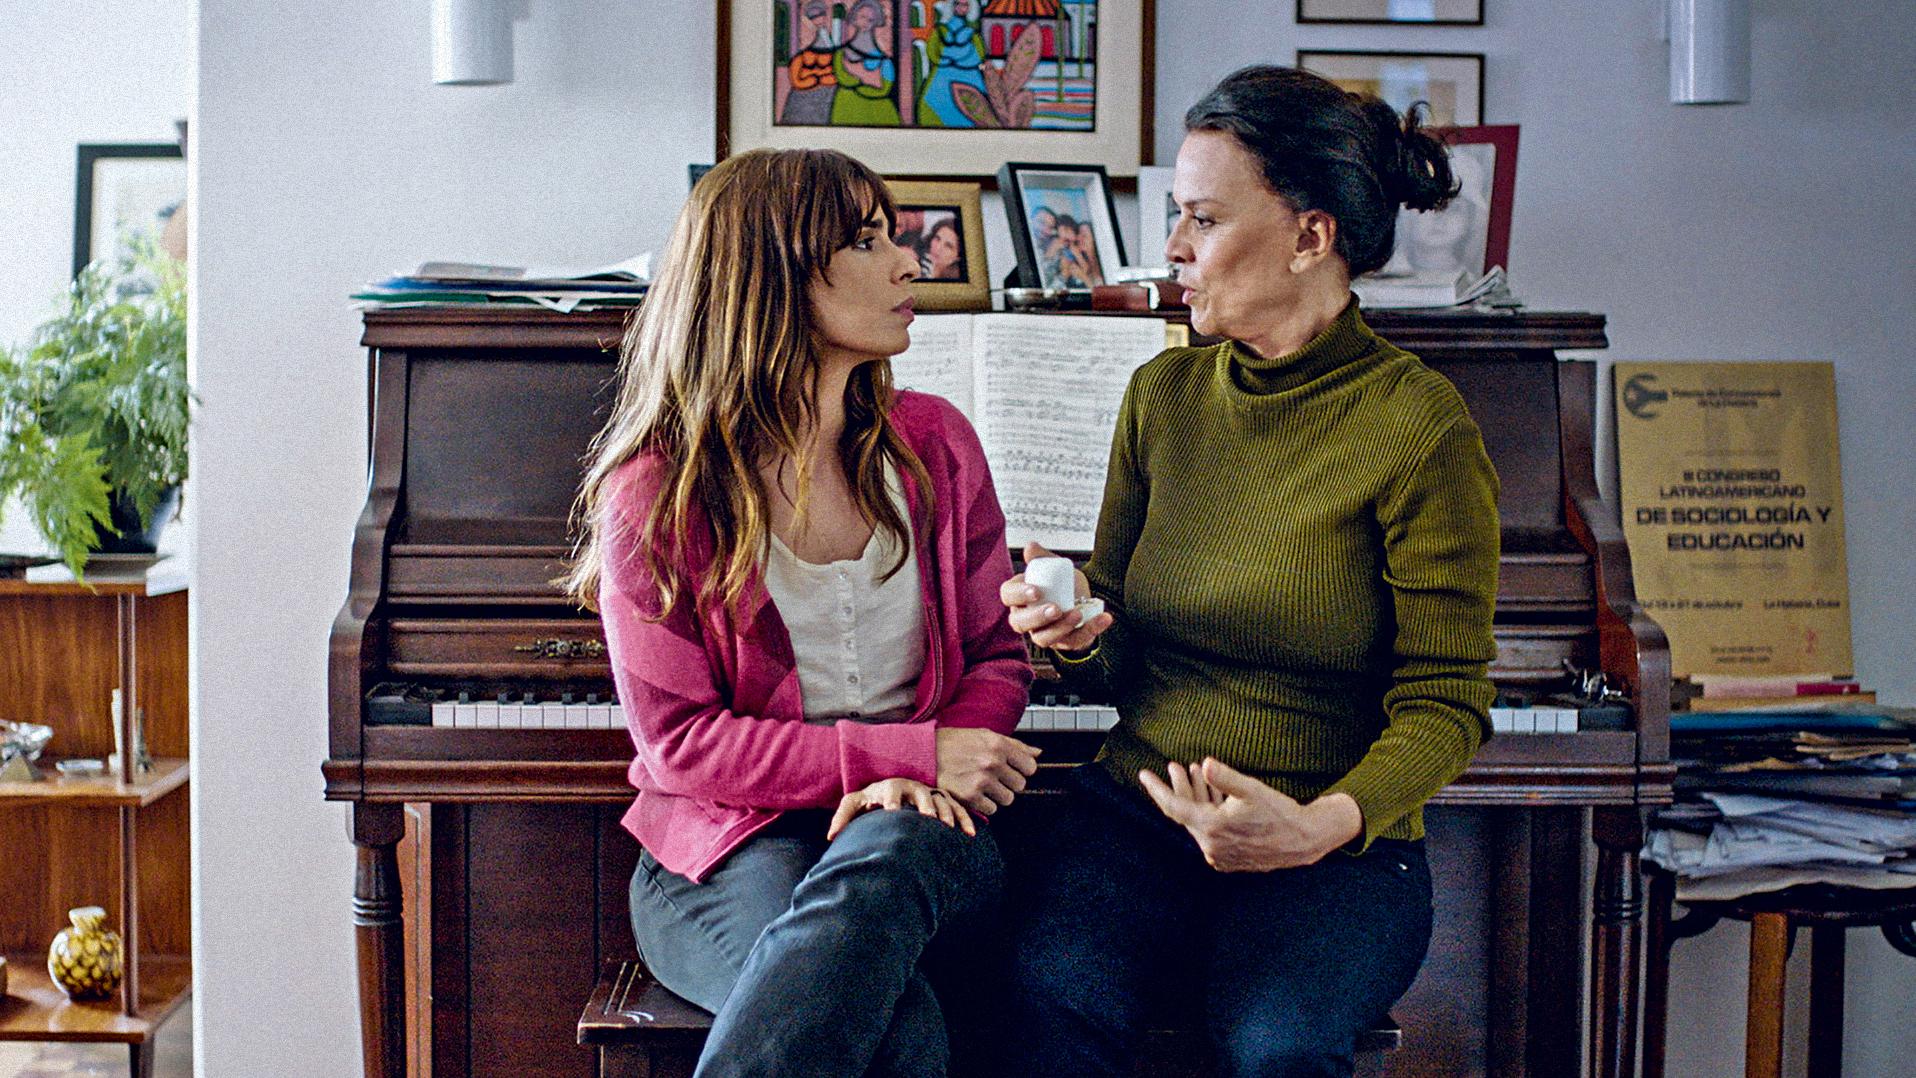 Maria Ribeiro e Clarisse Abujamra em Como Nossos Pais (20XX)